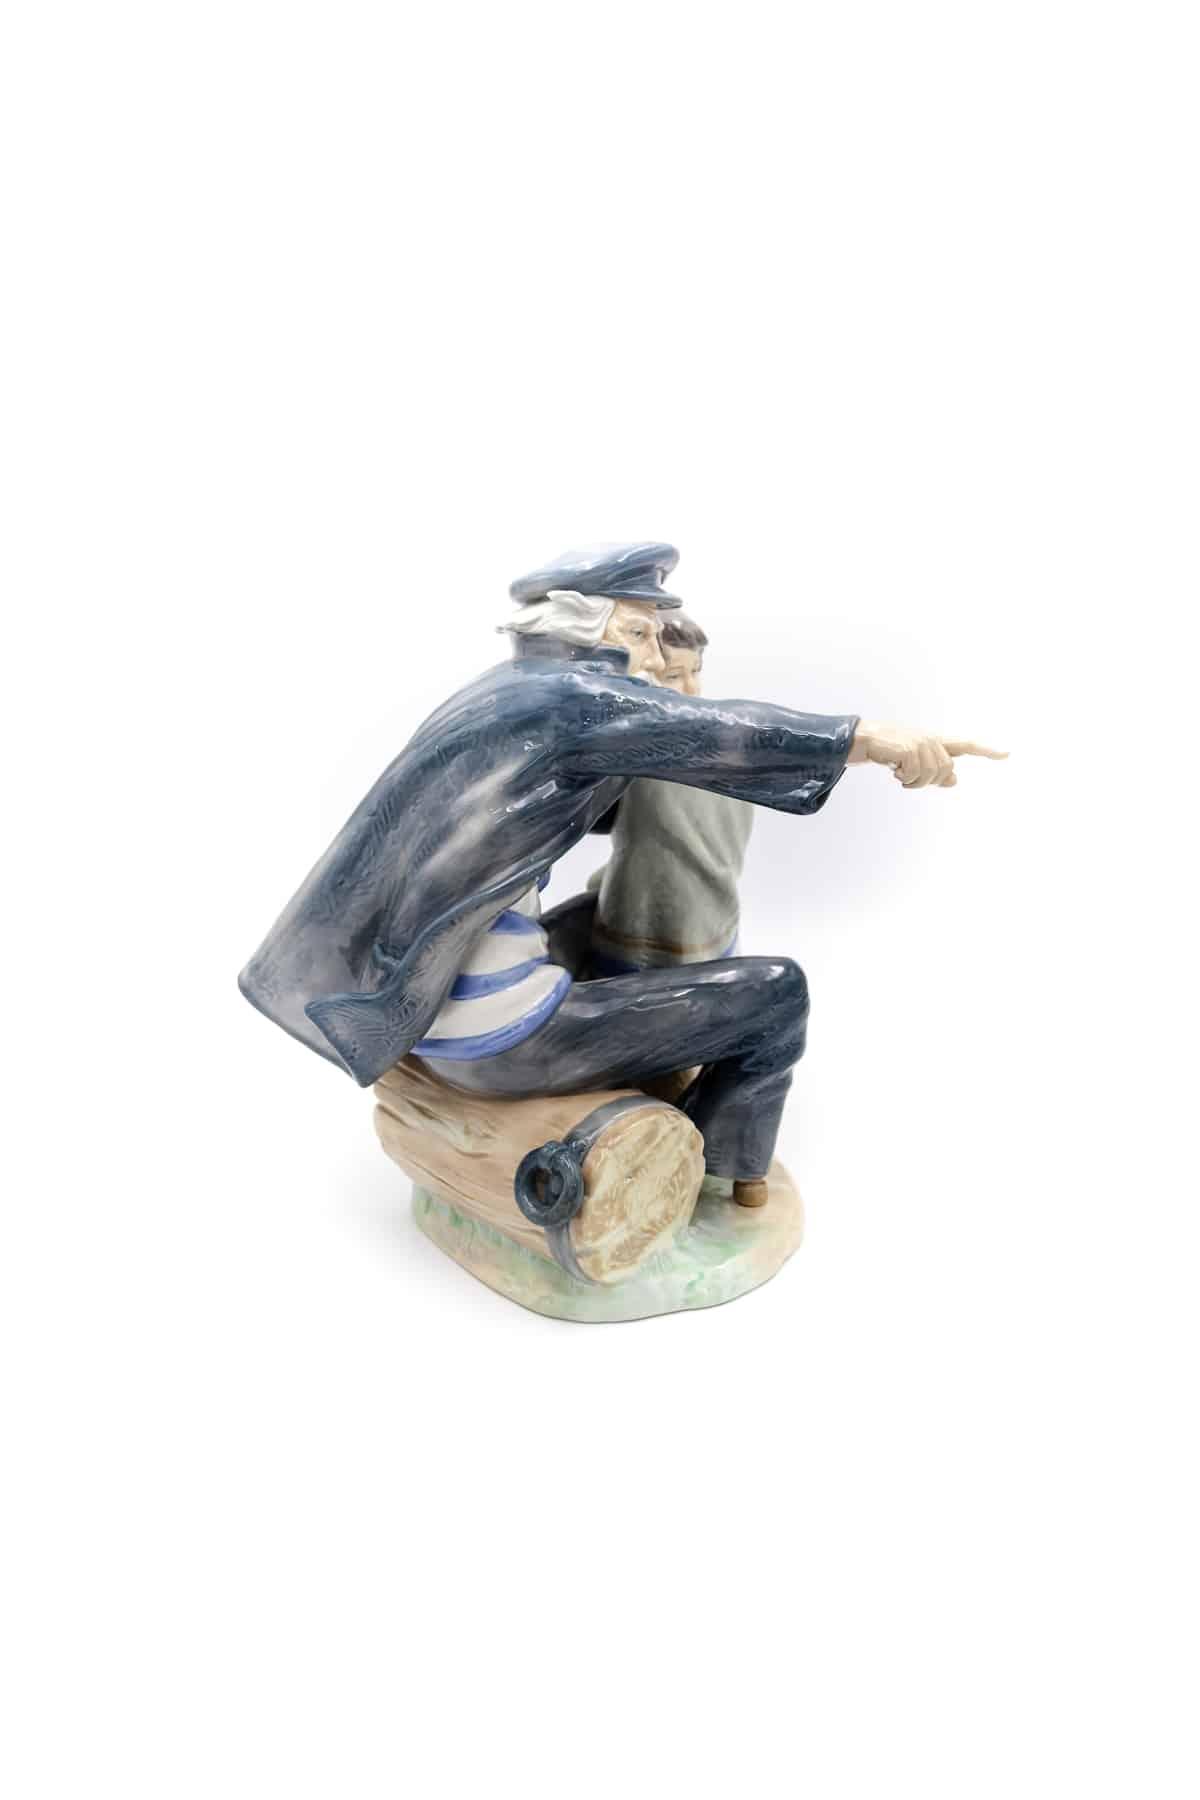 farforovaya sculptyra staryy moryak i devochka